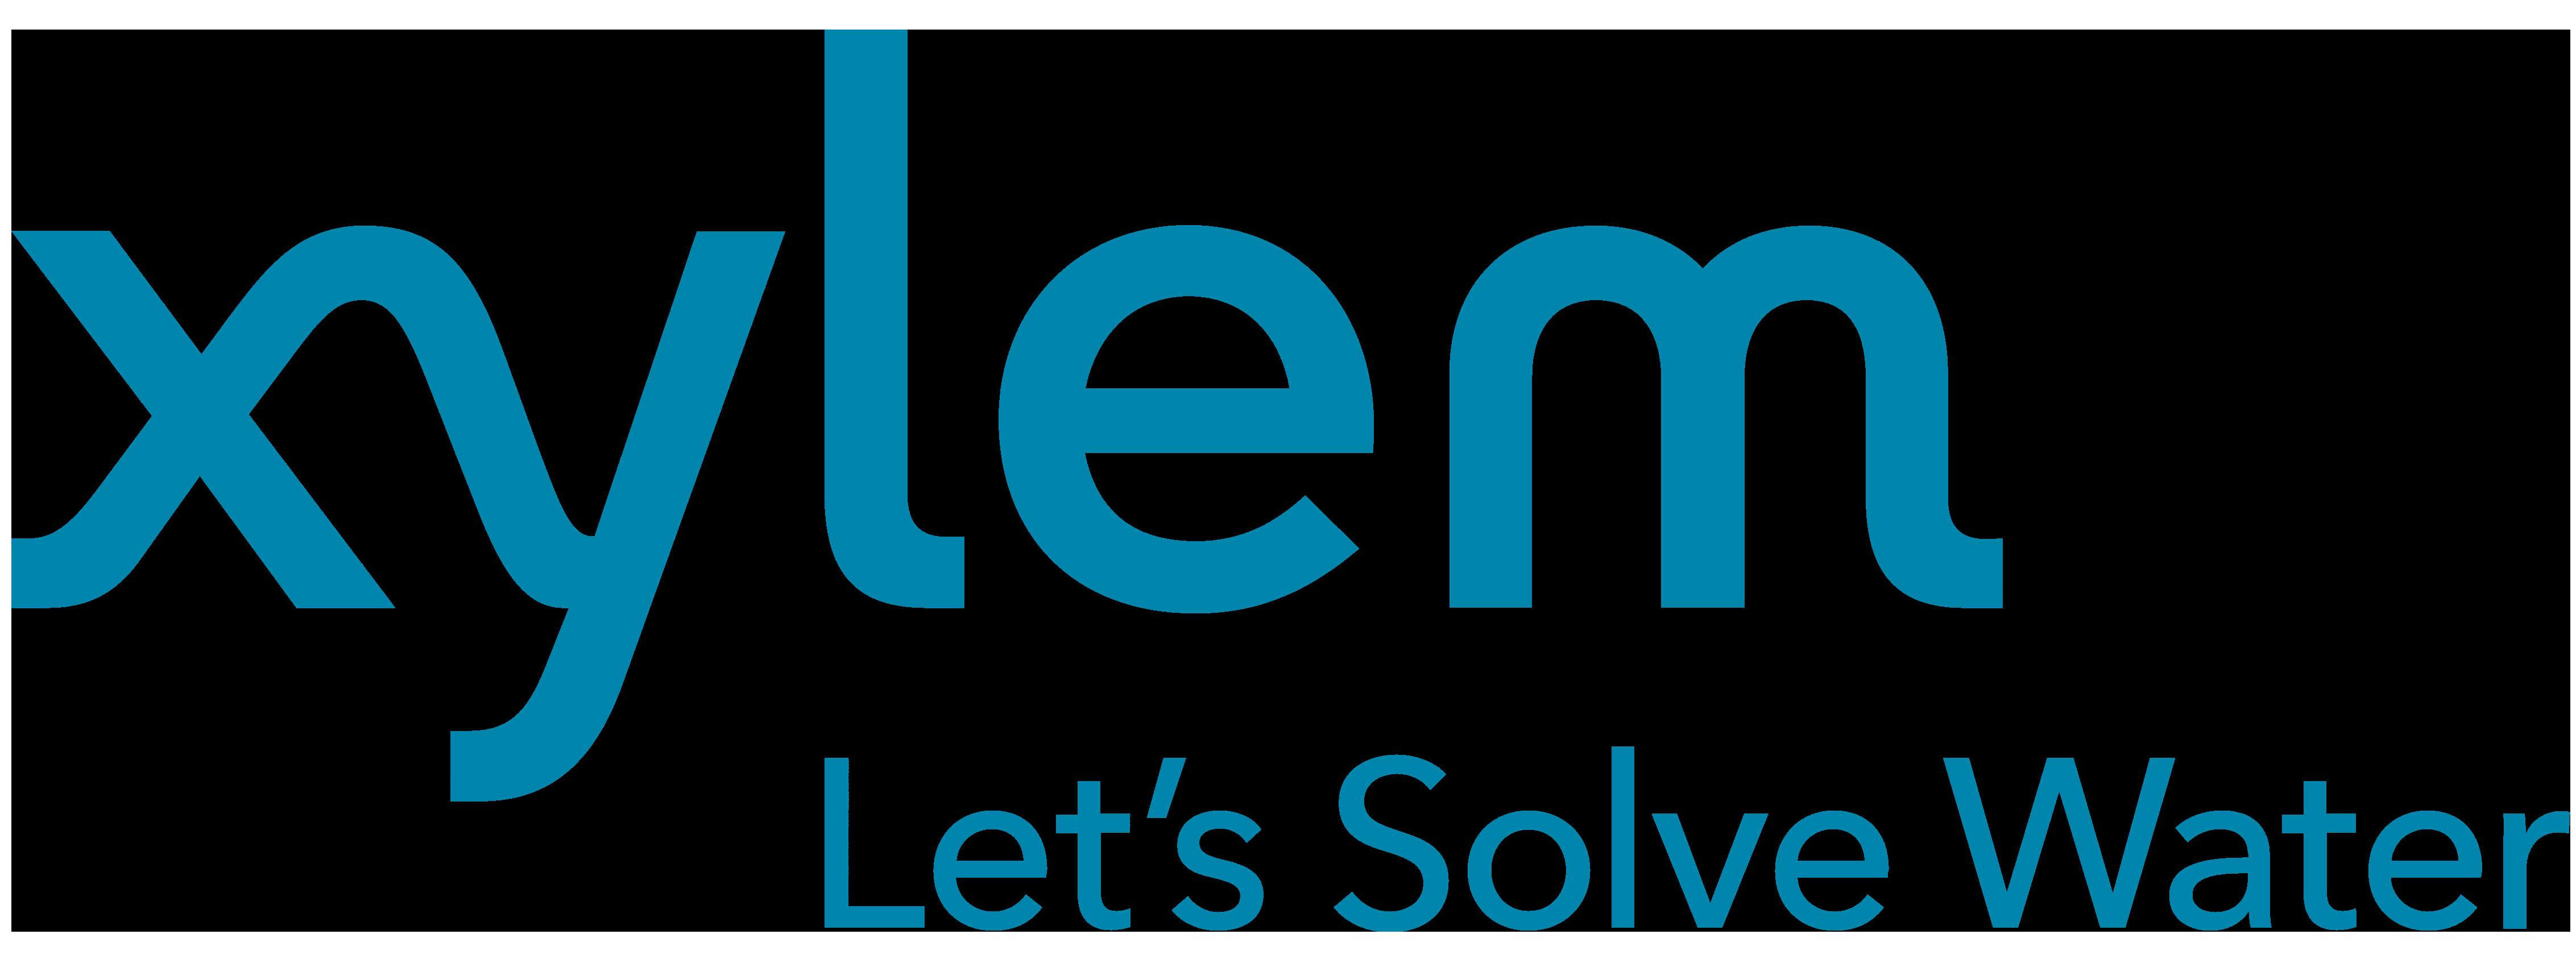 Xylem_logo_logotype